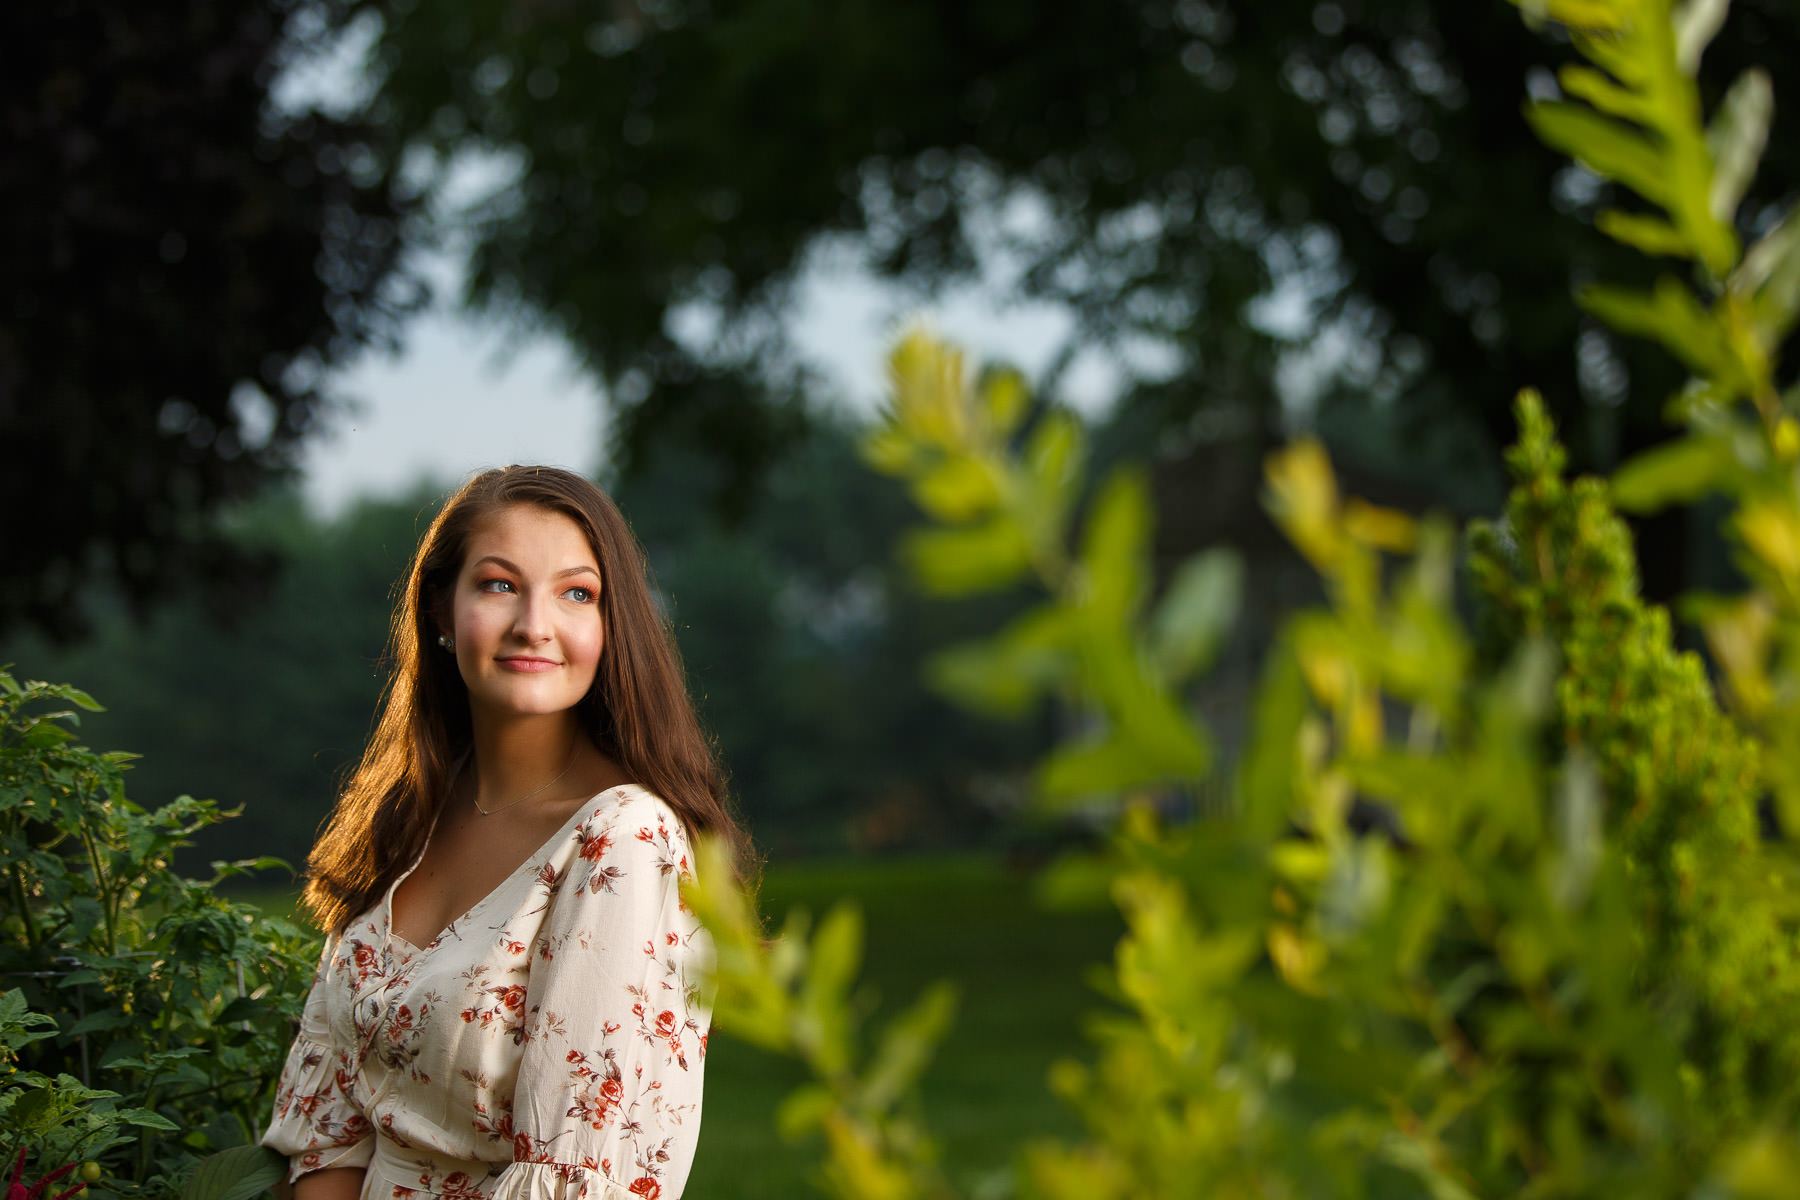 High School Senior photography in western ma.